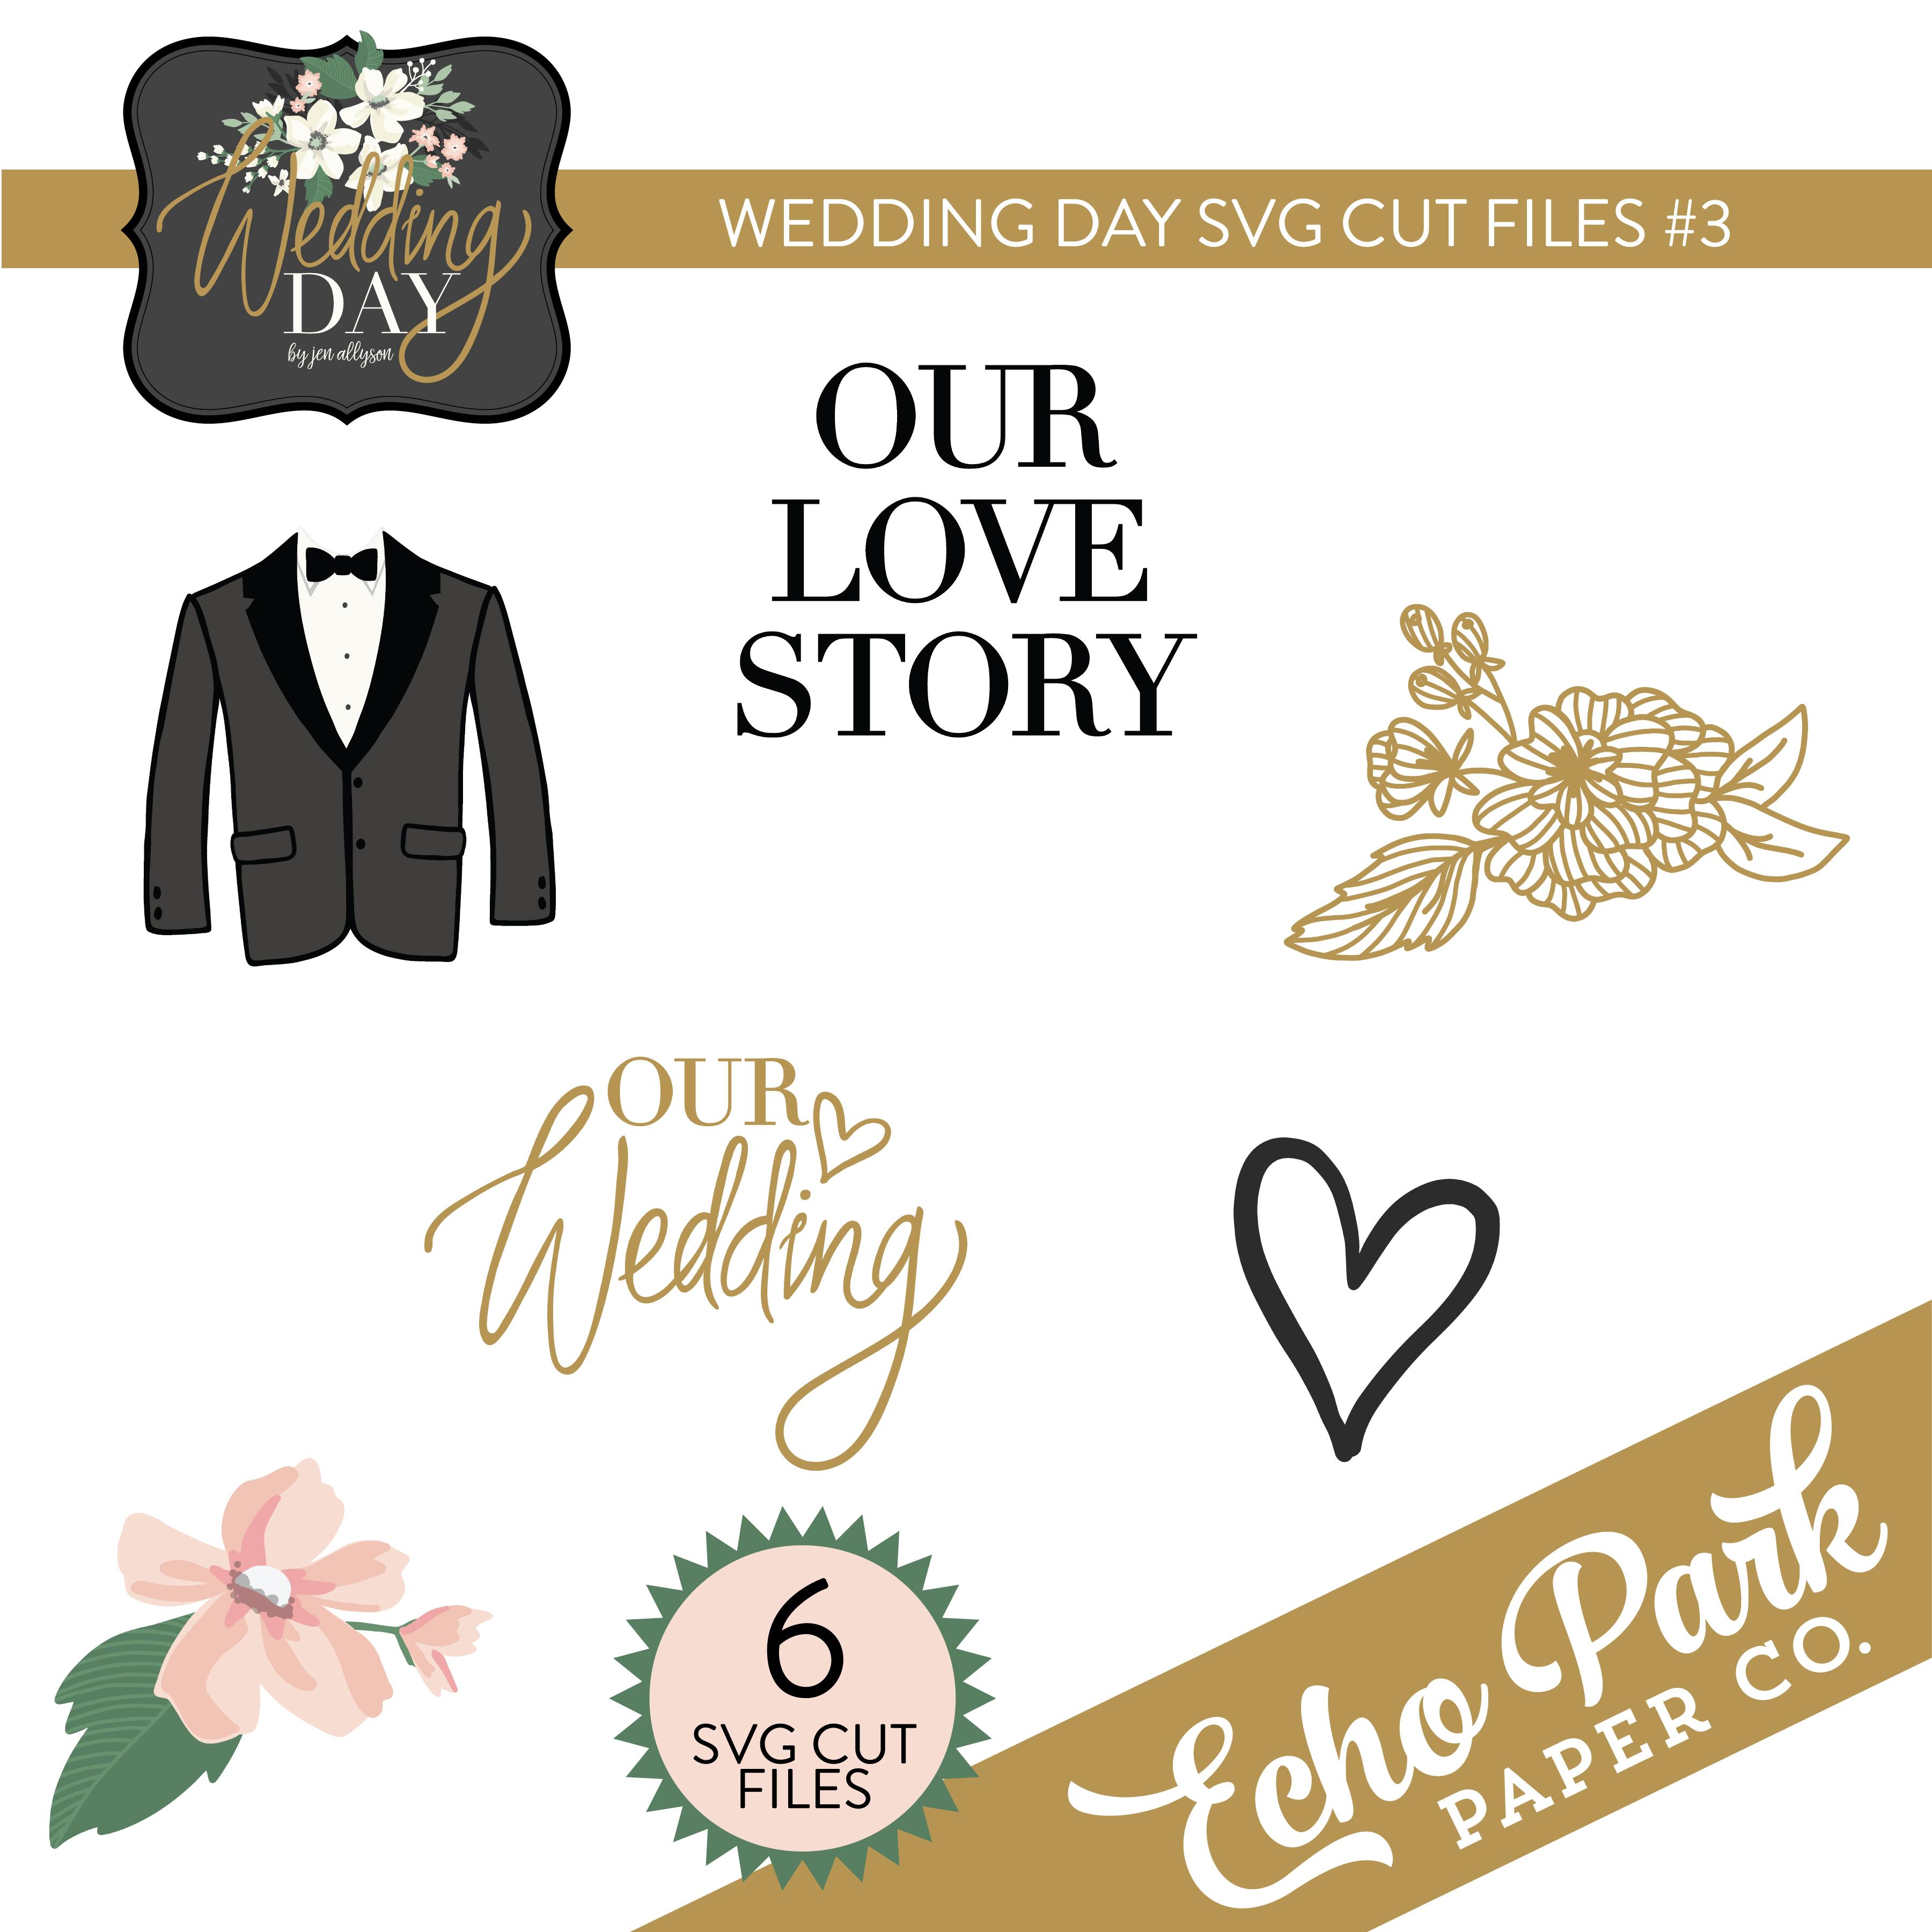 Wedding Day SVG Cut Files #3